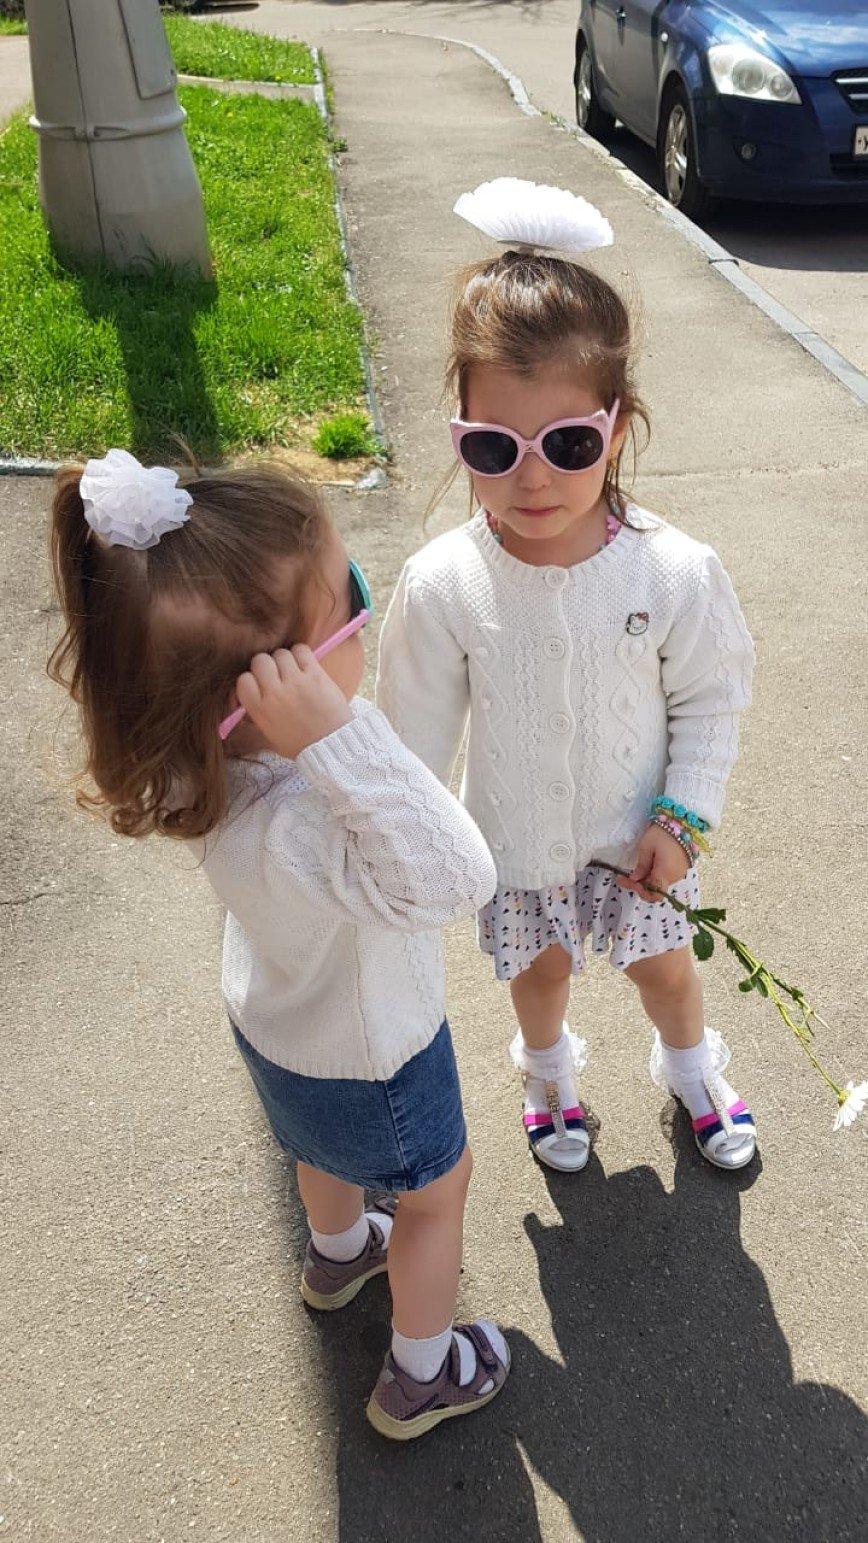 Автор: Zapacanov, Фотозал: Наши Дети, Девули мои